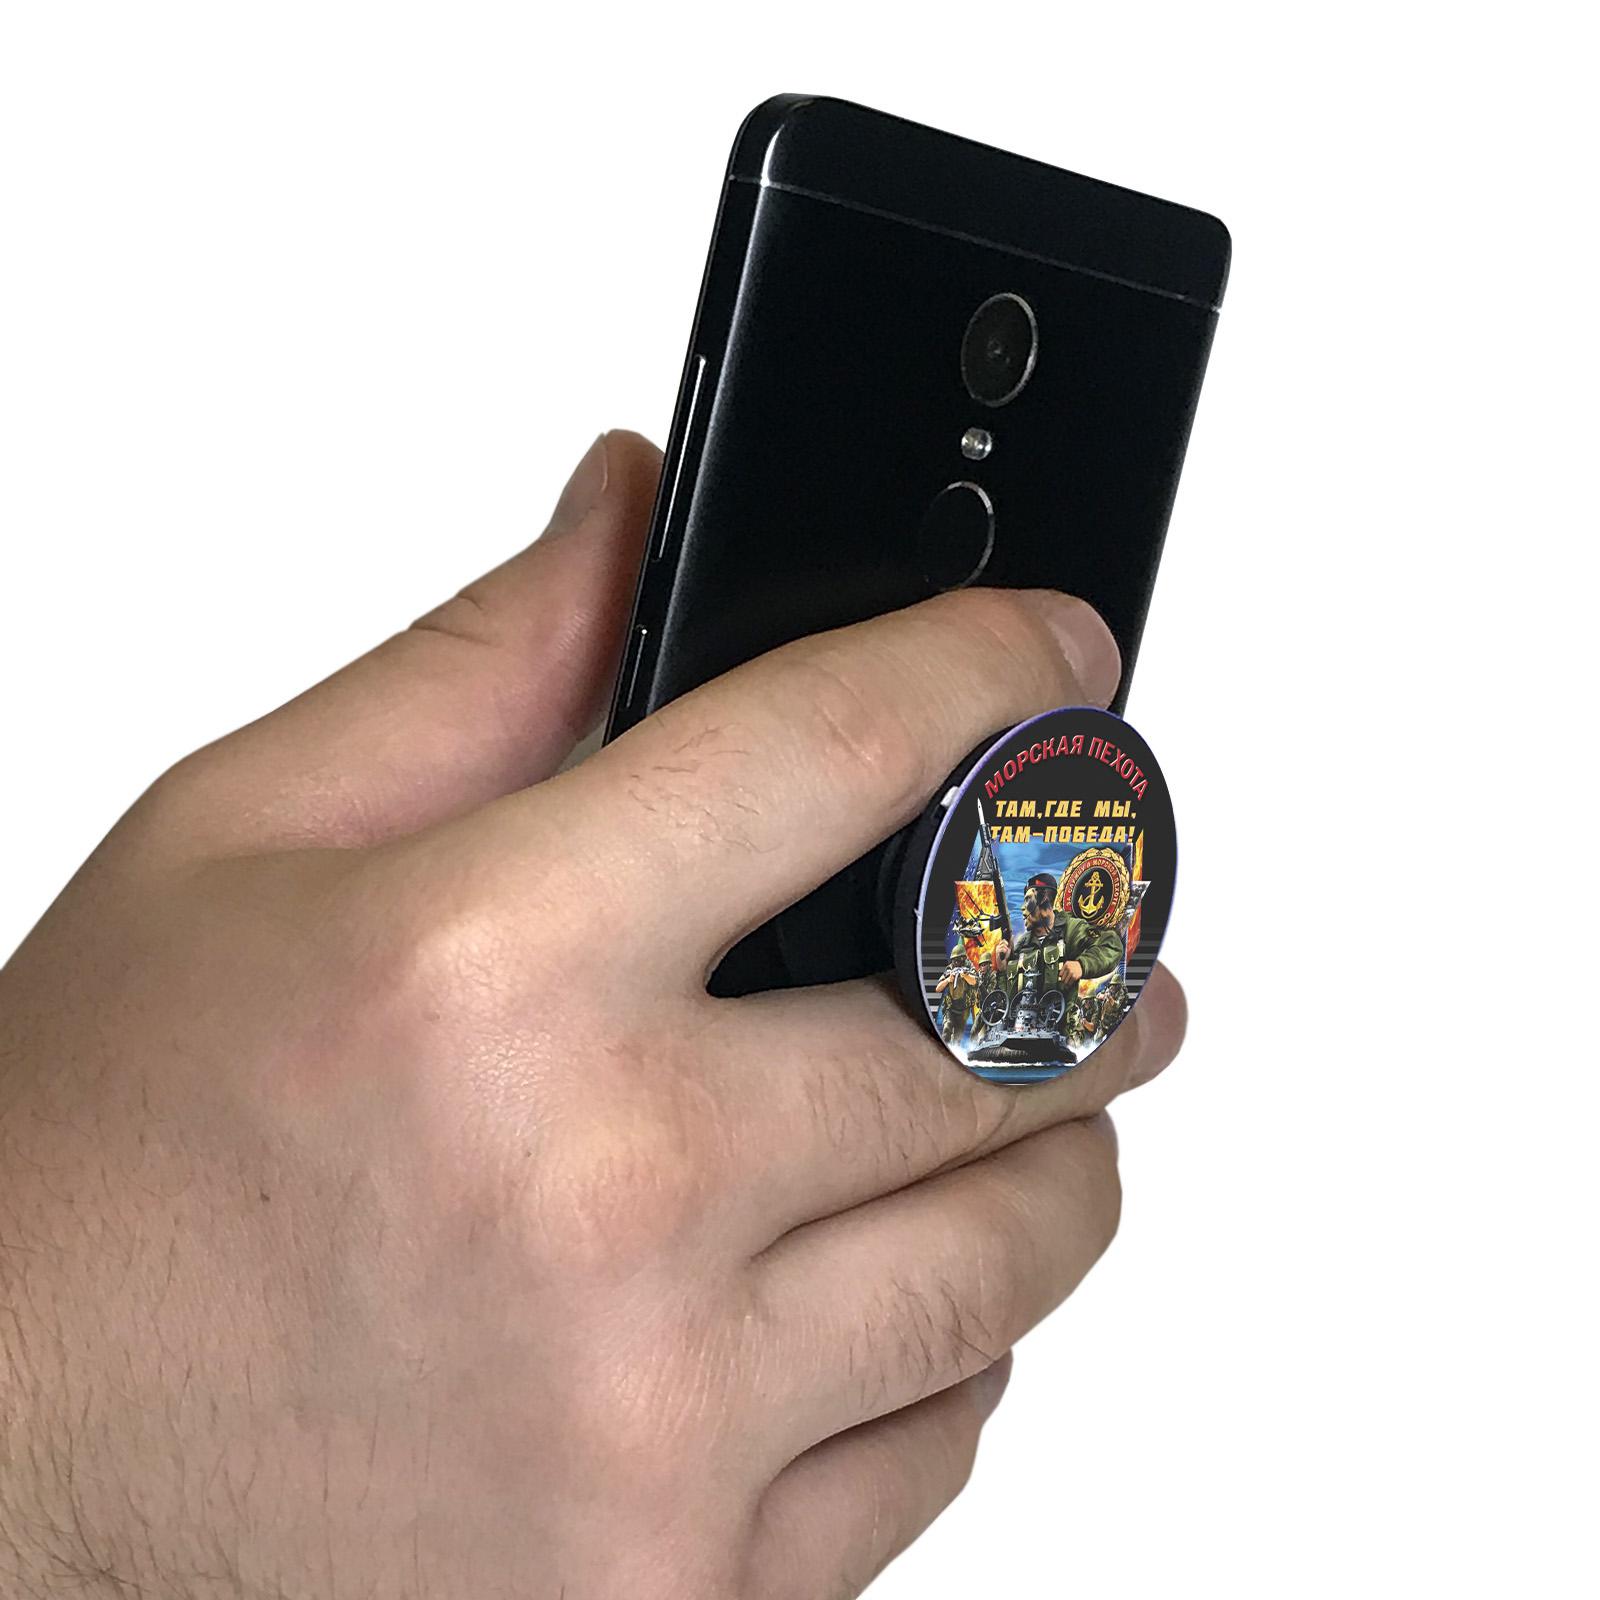 Крутой попсокет на телефон Морпеха по символической цене